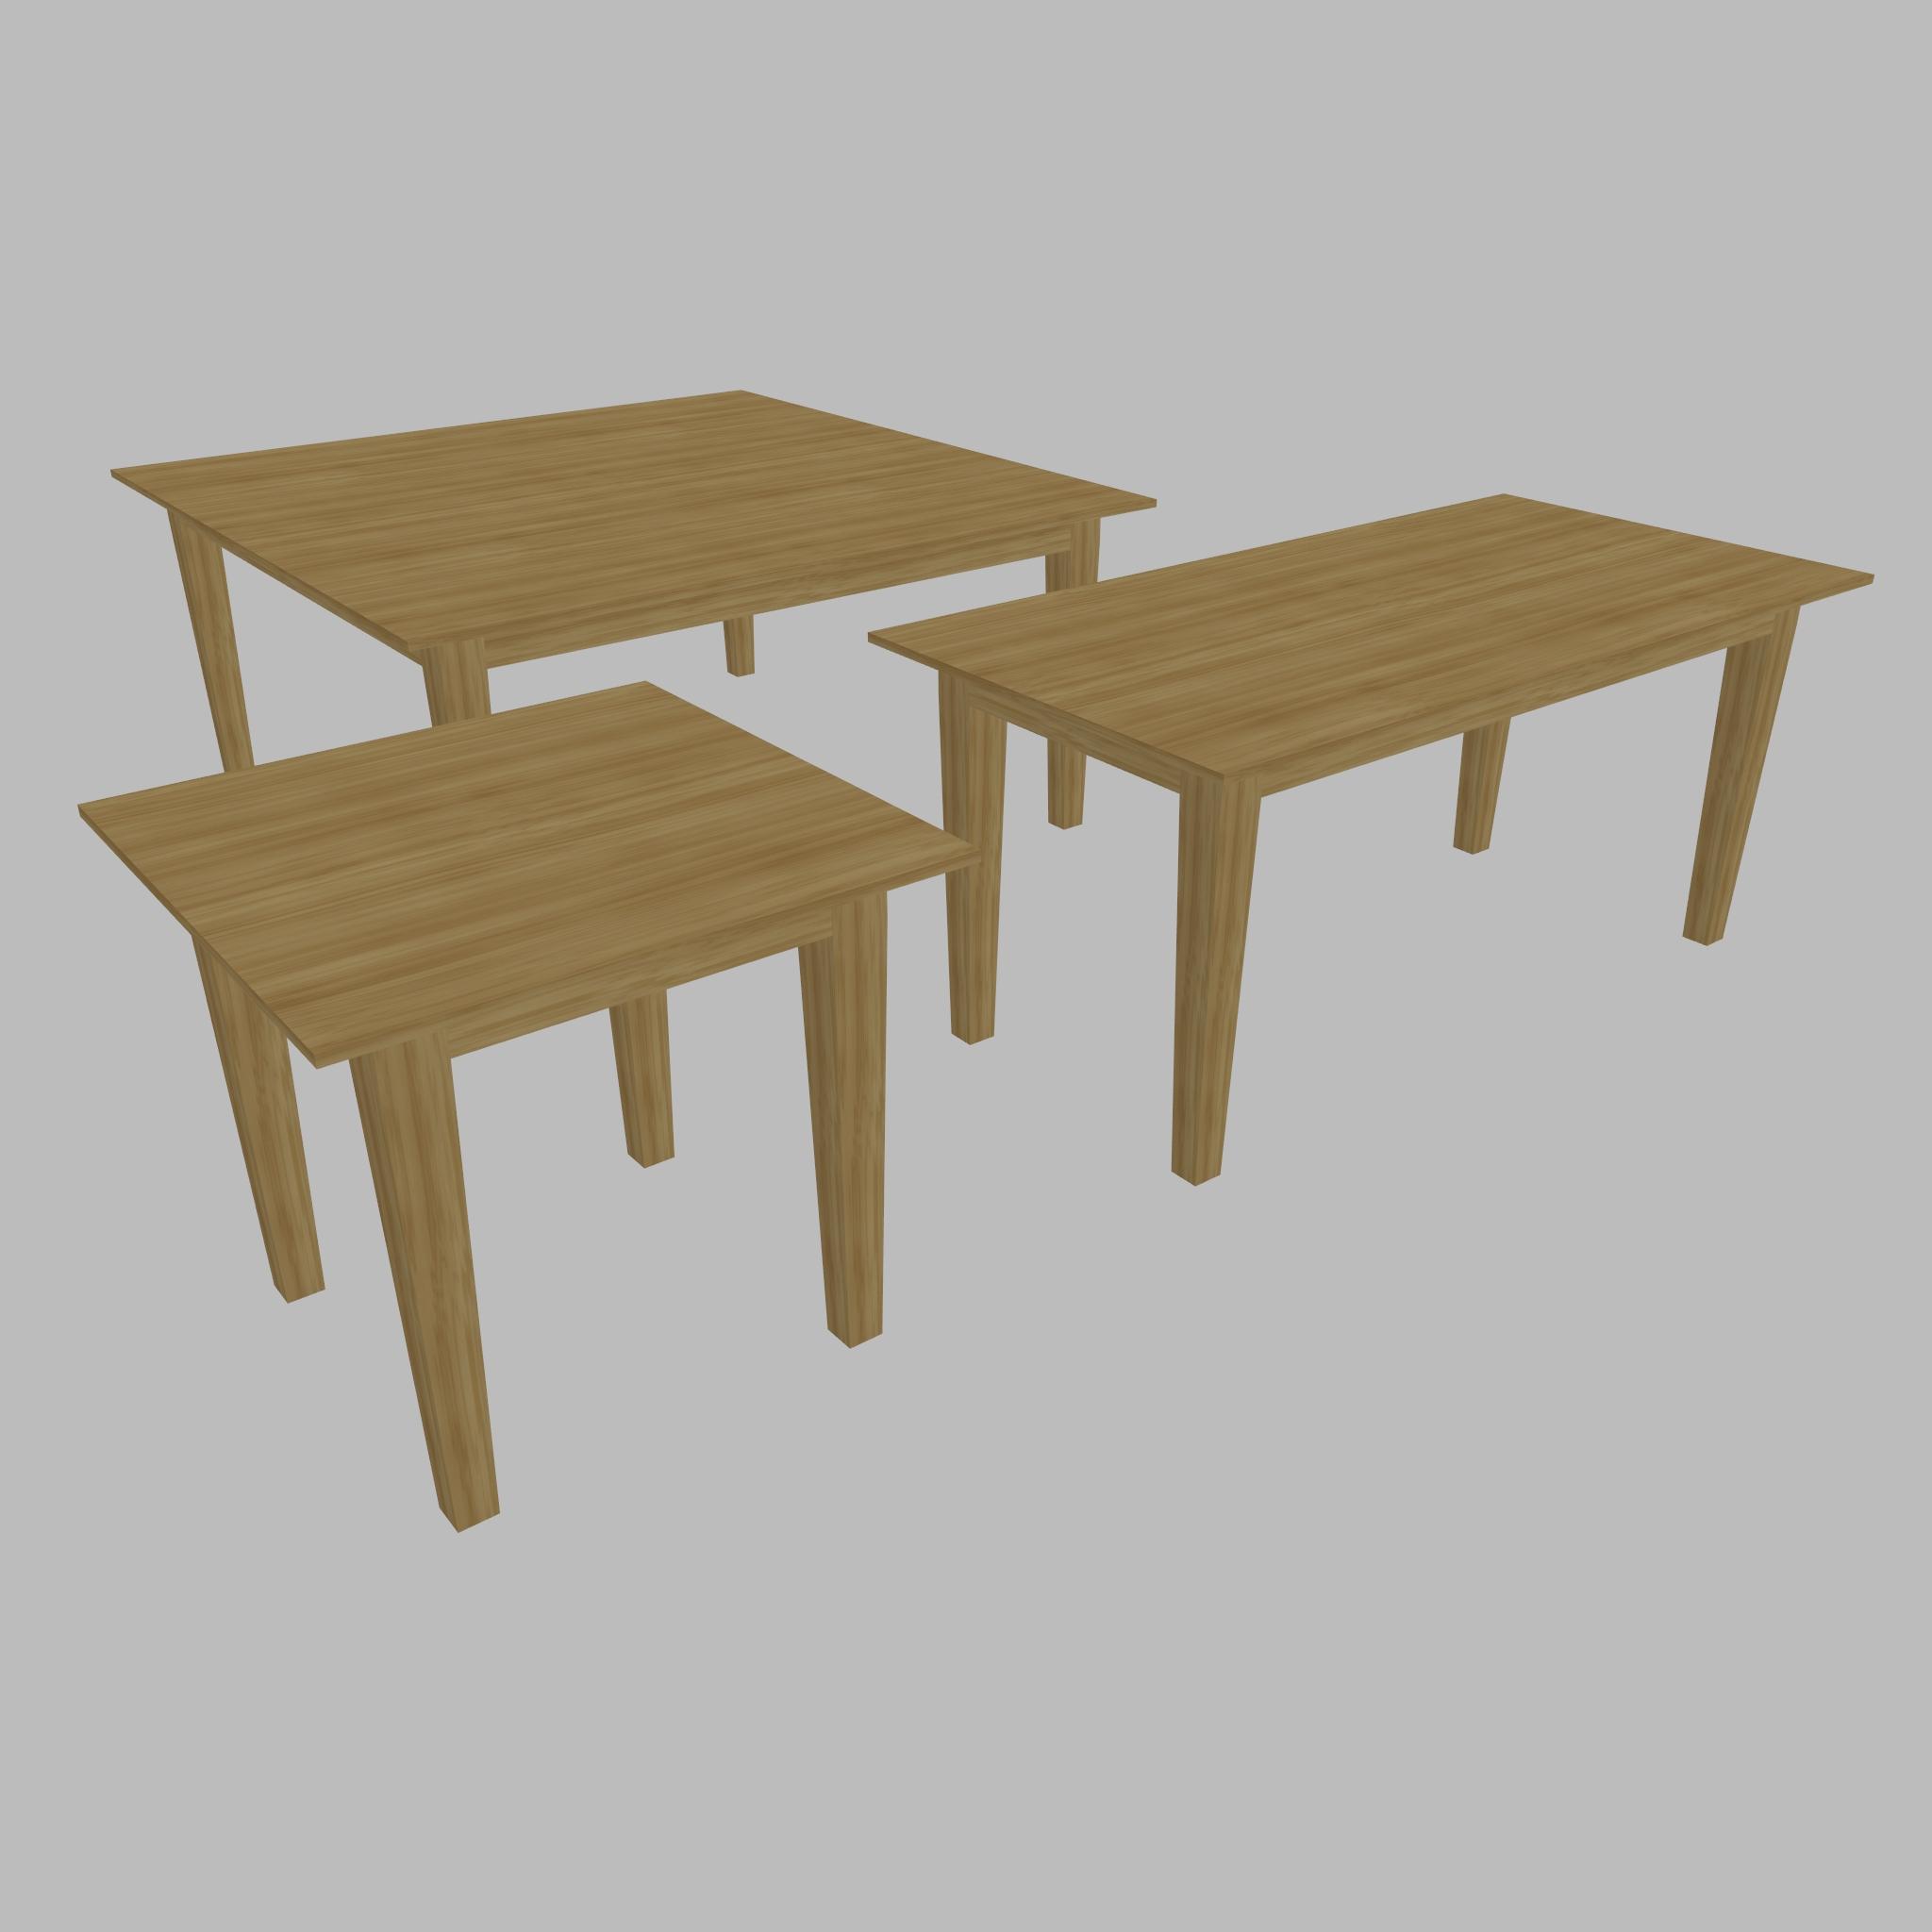 Table - Three Sizes 3d model 3ds fbx ma mb obj 271506